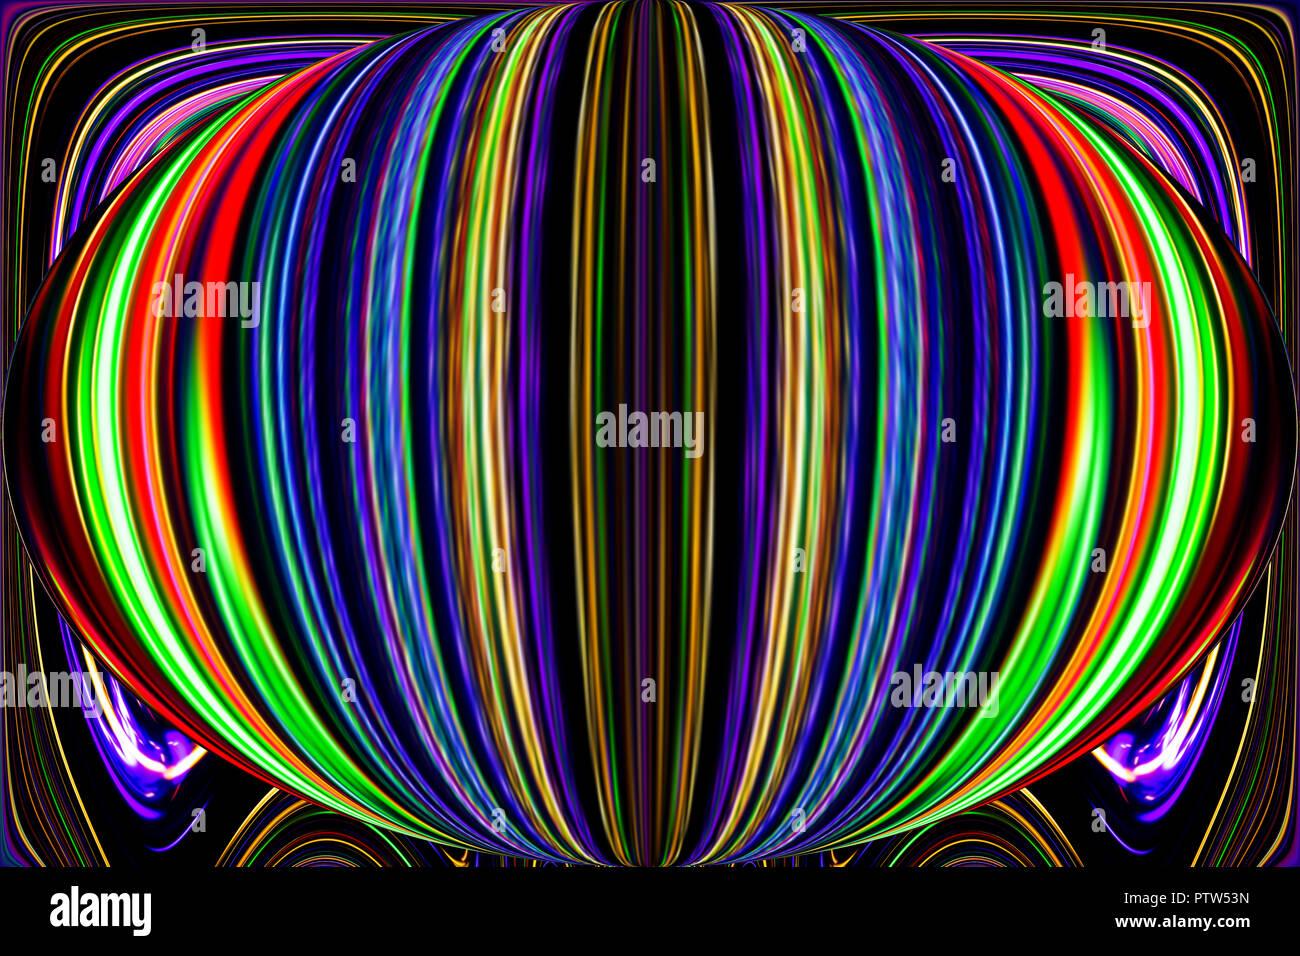 Líneas y curvas de color crea fantásticas imágenes de elipse. Pintura abstracta - cuadros psicodélico. Foto de stock